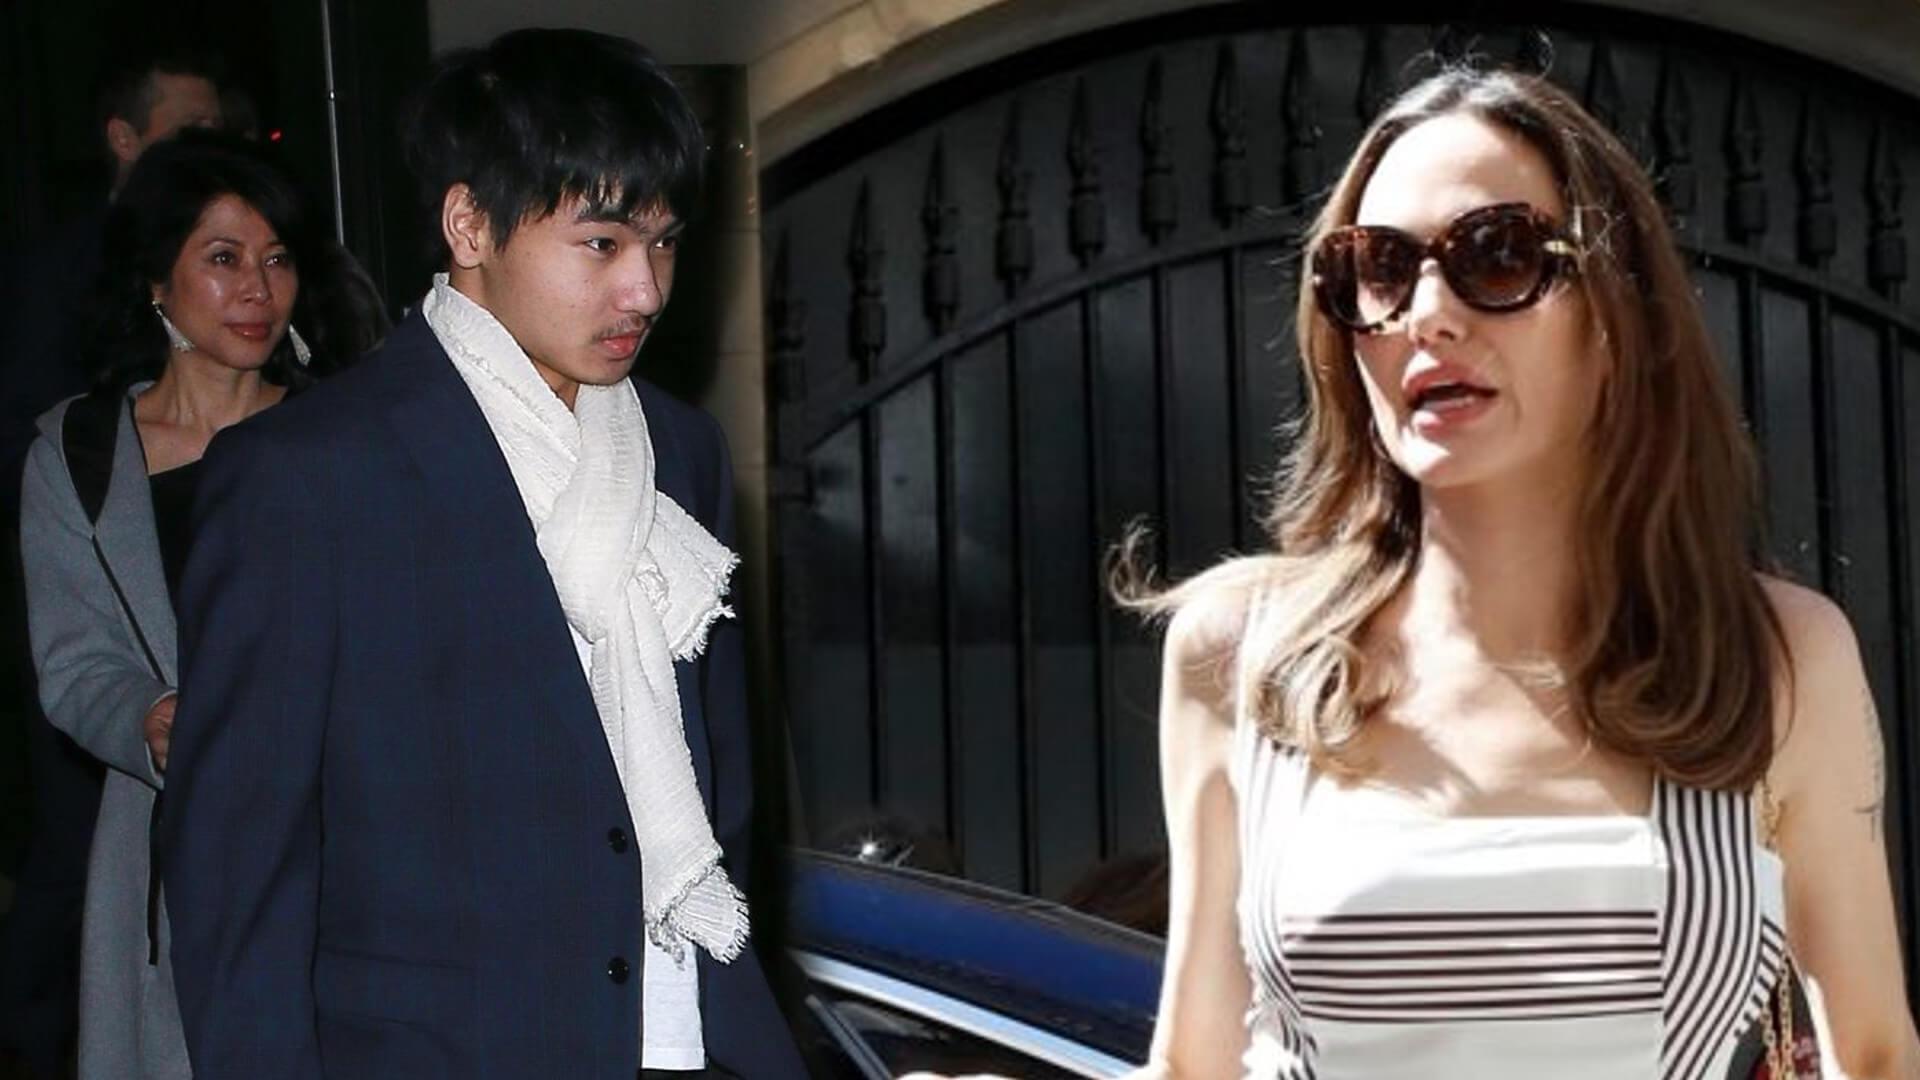 Maddox Jolie-Pitt wrócił z Korei do domu. Co będzie dalej z edukacją nastolatka?